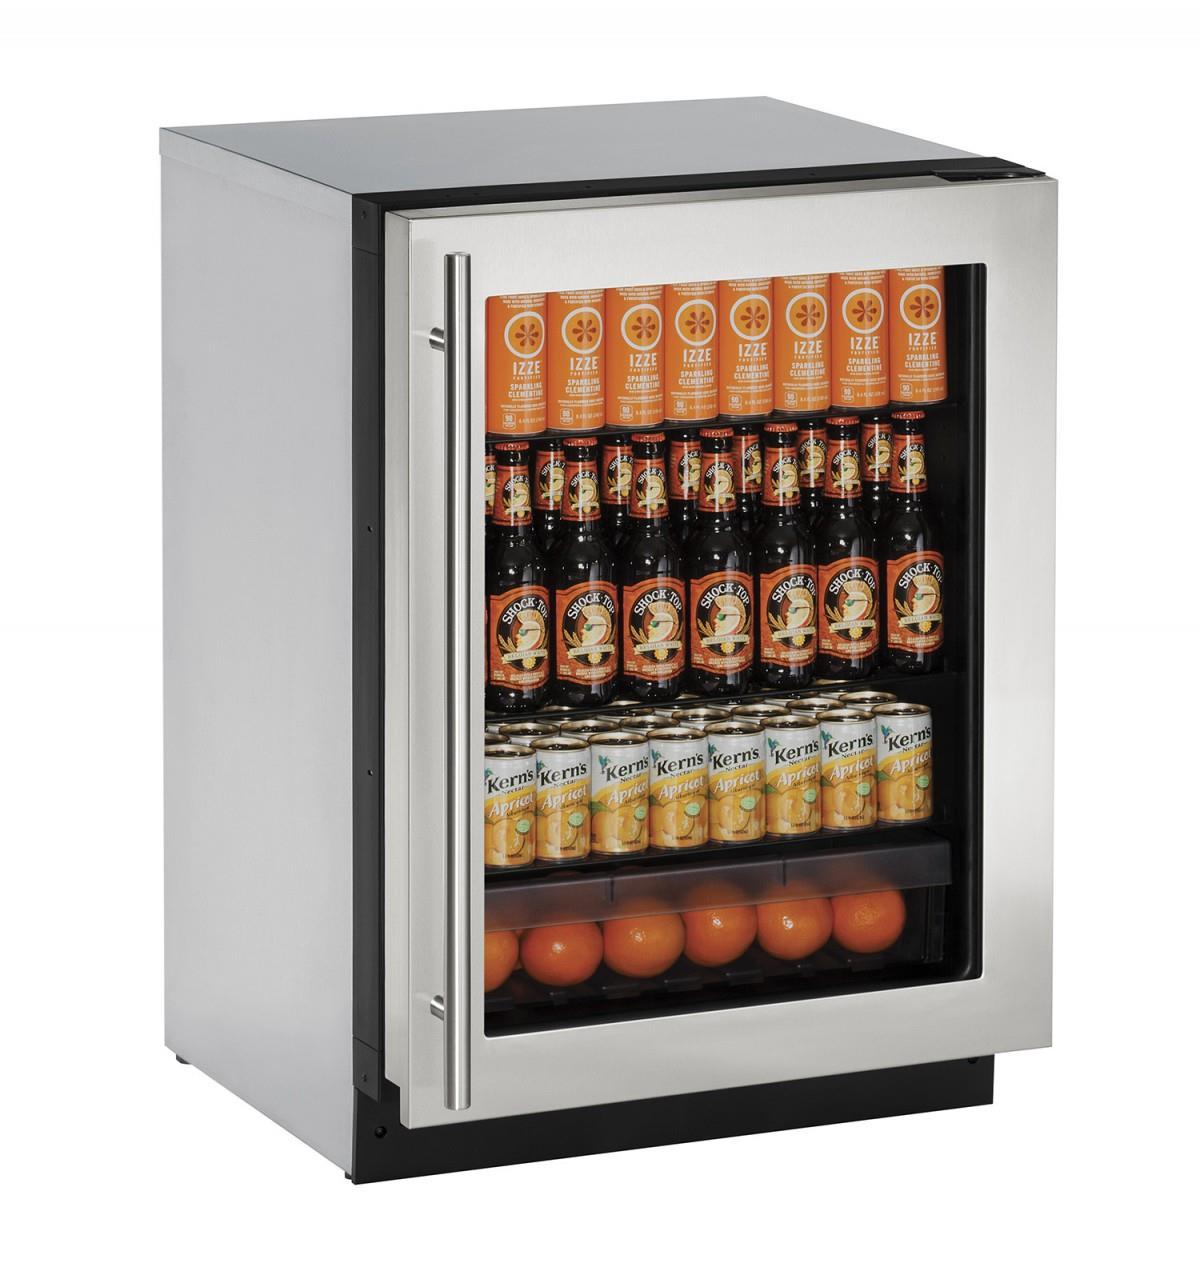 U-Line Refrigerators 4.9 Cu. Ft. 2000 Series Compact Refrigerator - Item Number: U-2224RGLS-00A